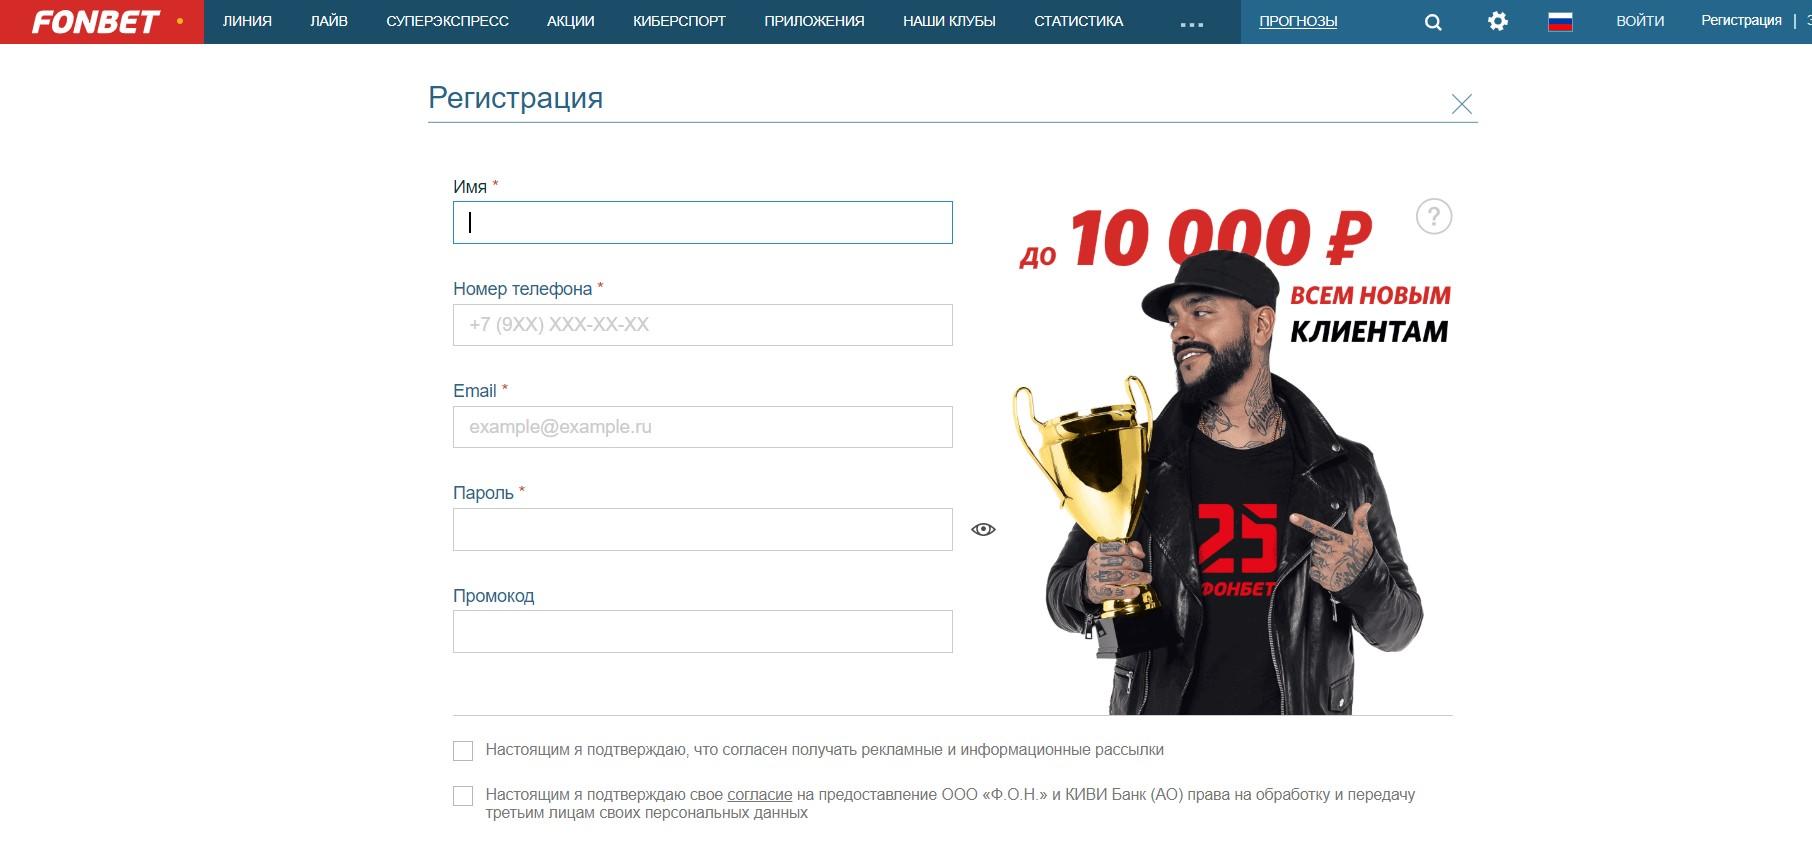 фонбет регистрация на сайте